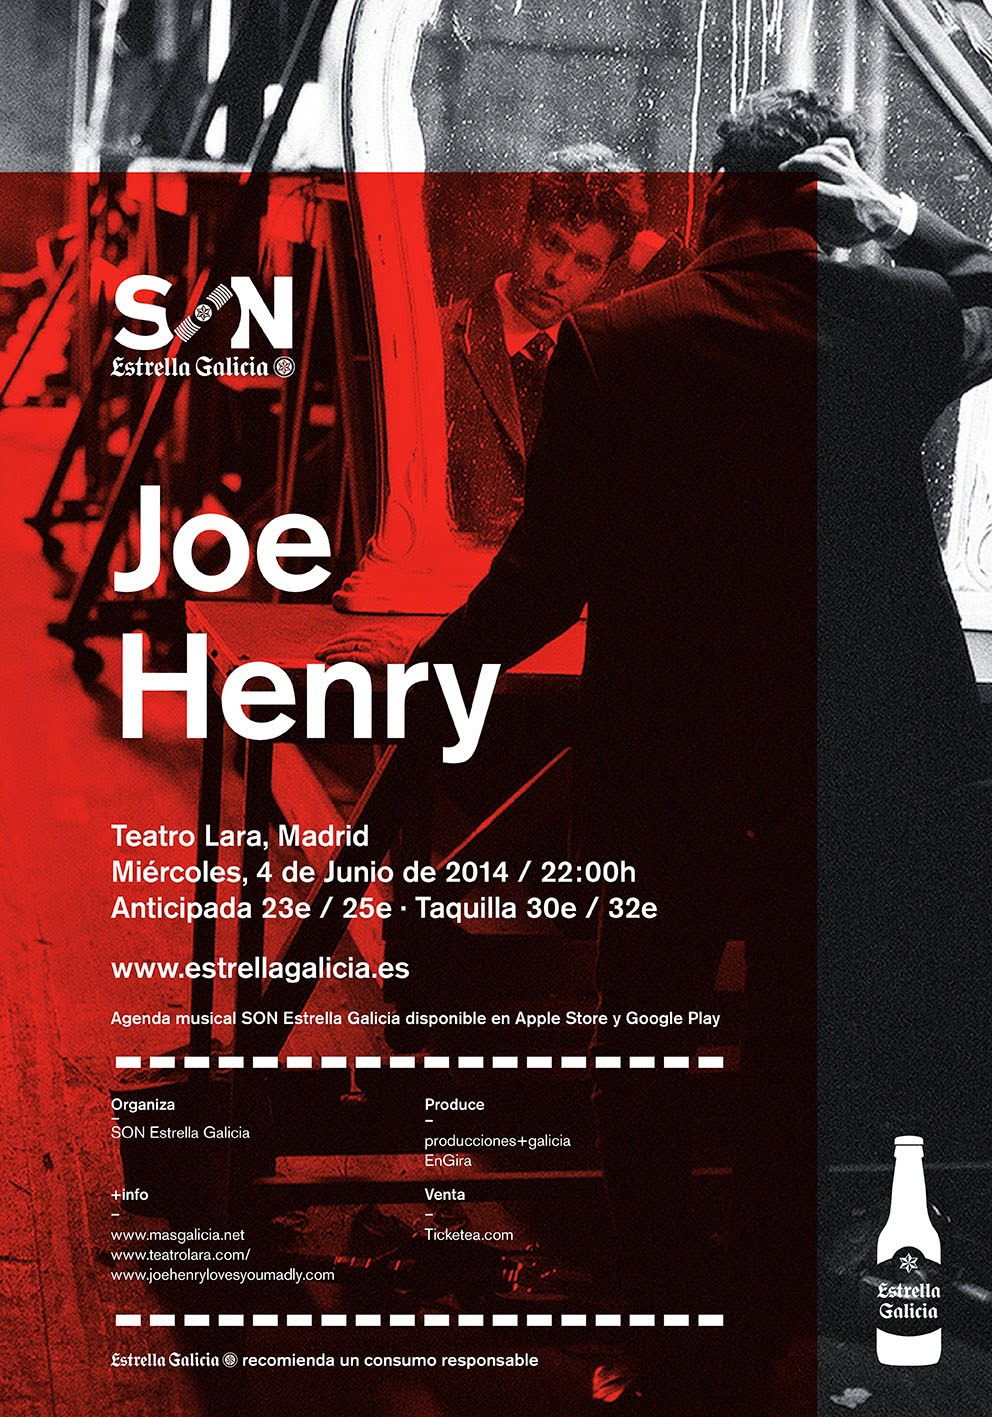 JOE HENRY en concierto en Madrid, 4 Junio, Teatro Lara